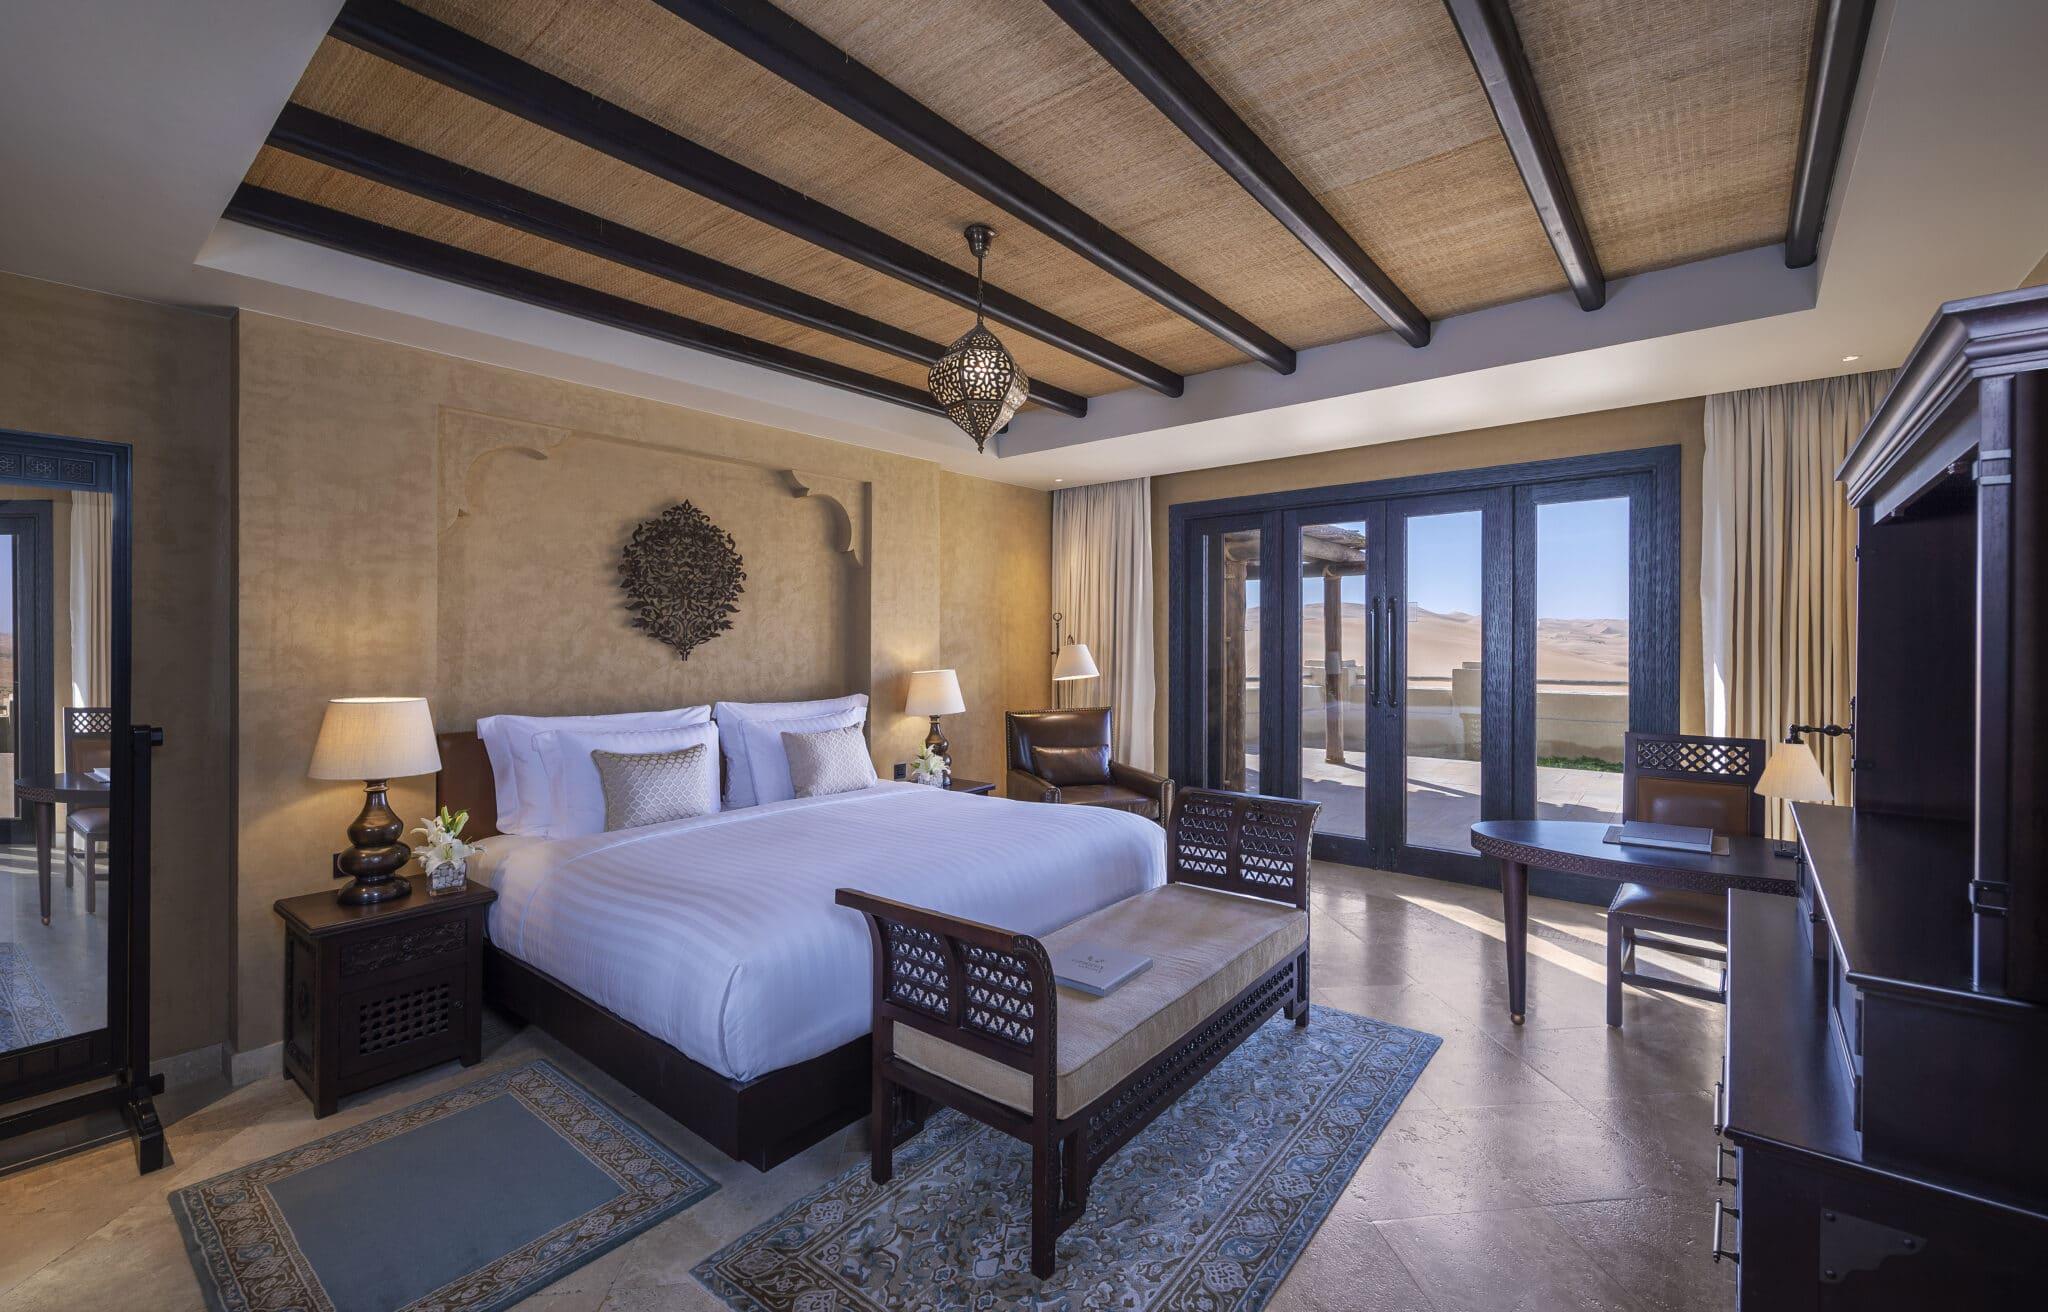 carrousel 10 Qasr_Al_Sarab_Desert_Resort_by_Anantara_Guest_Room_Three_Bedroom_Villa_King_Bedroom